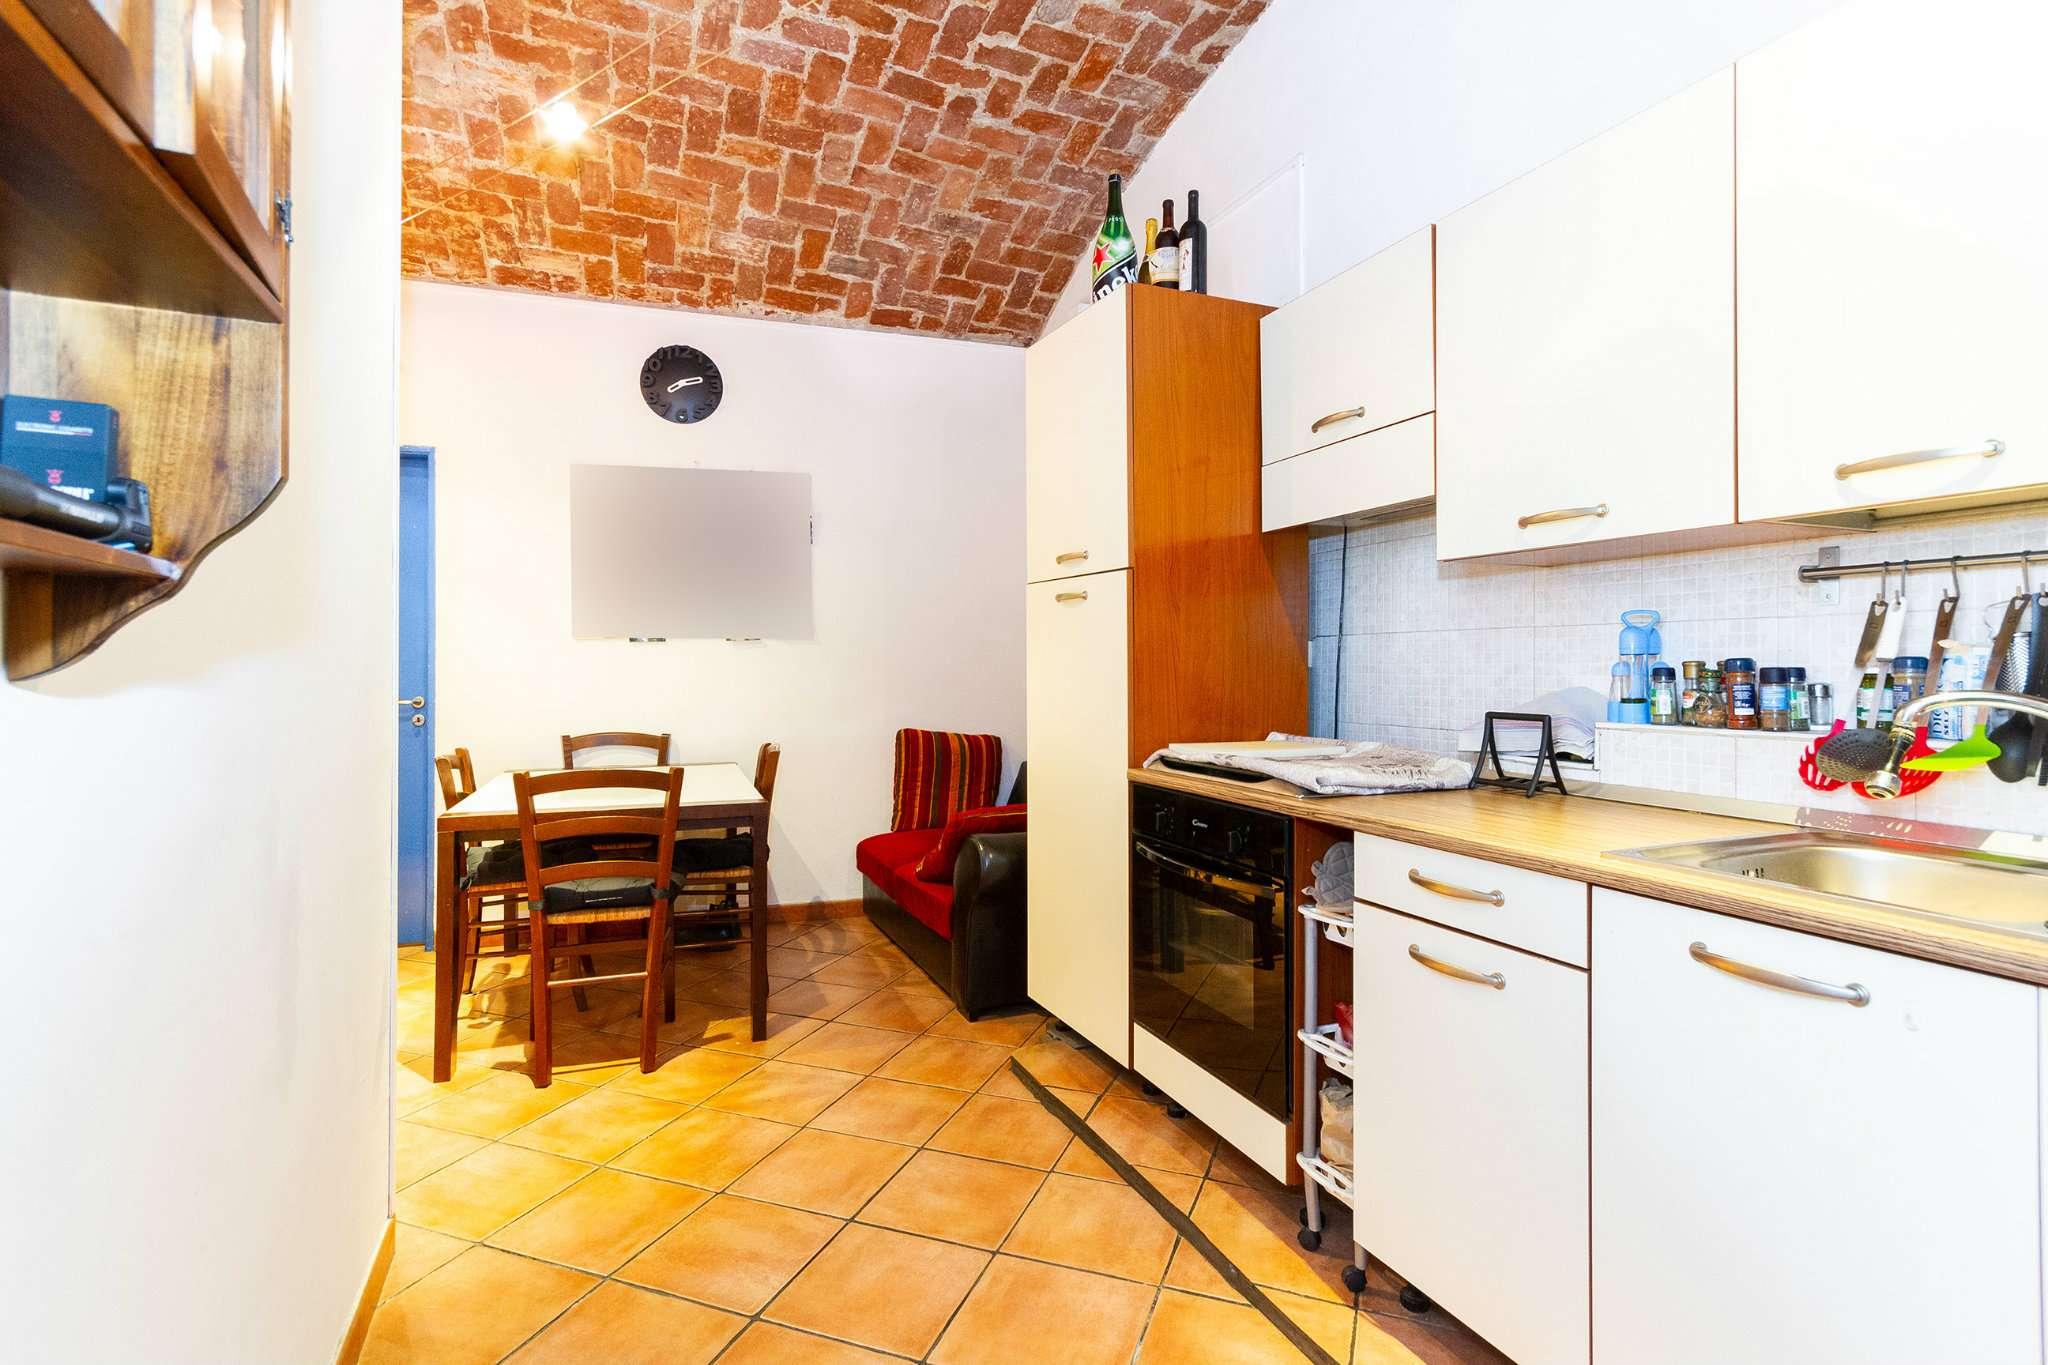 Appartamento in vendita Zona Cit Turin, San Donato, Campidoglio - via San Donato 46 Torino